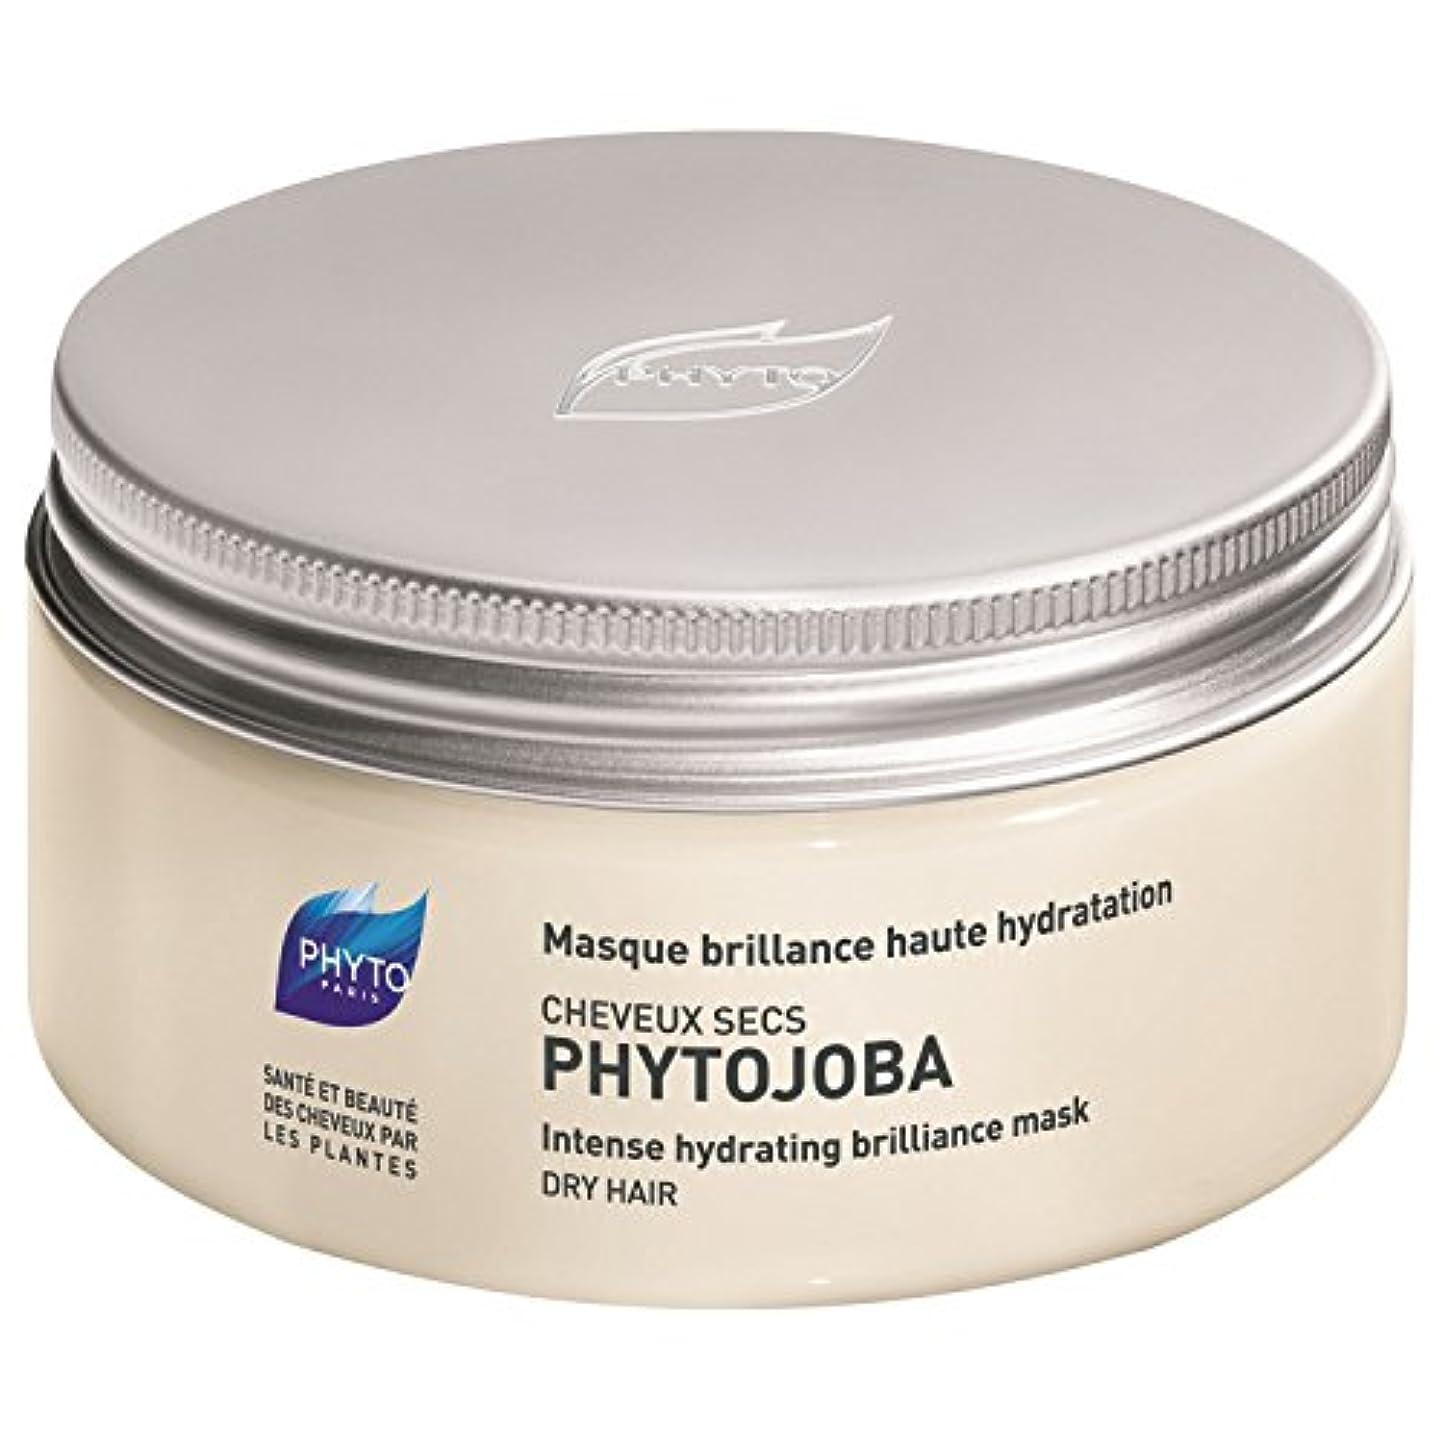 慰め近所のキャプチャーフィトPhytojoba強烈な水分補給マスク200ミリリットル (Phyto) (x2) - Phyto Phytojoba Intense Hydrating Mask 200ml (Pack of 2) [並行輸入品]